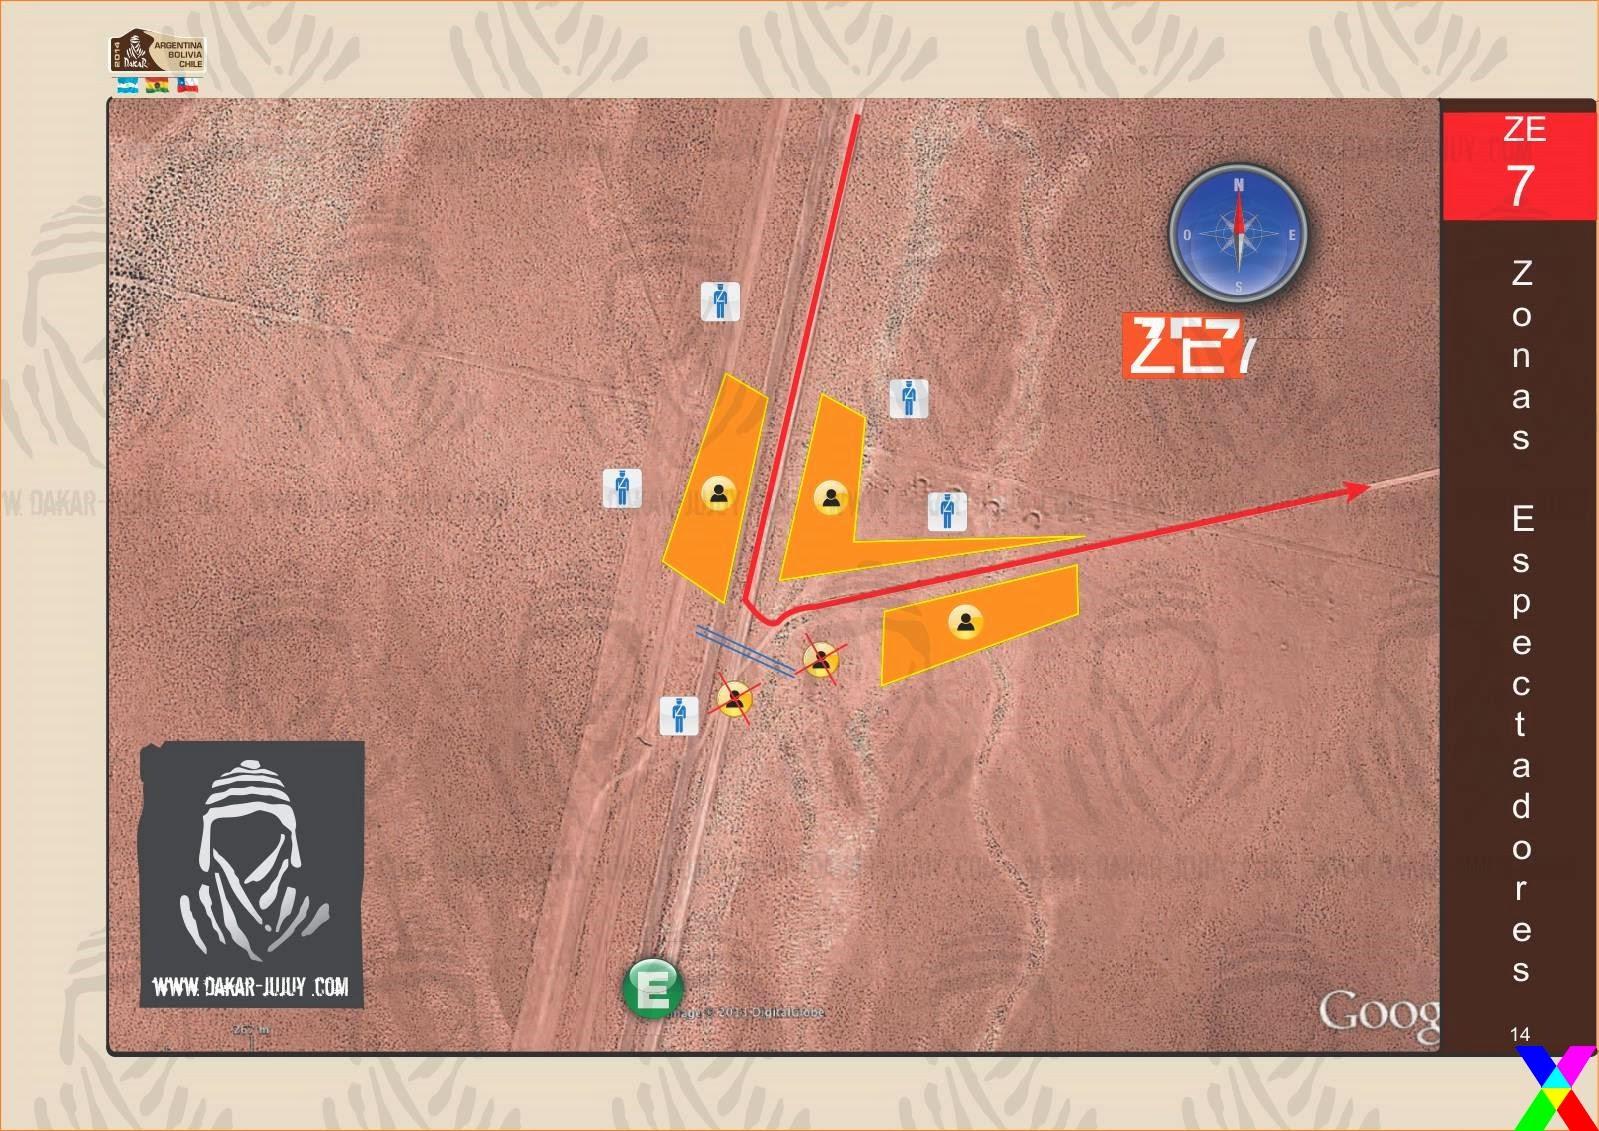 Zona de Espectadores 7 Jujuy - Dakar 2014